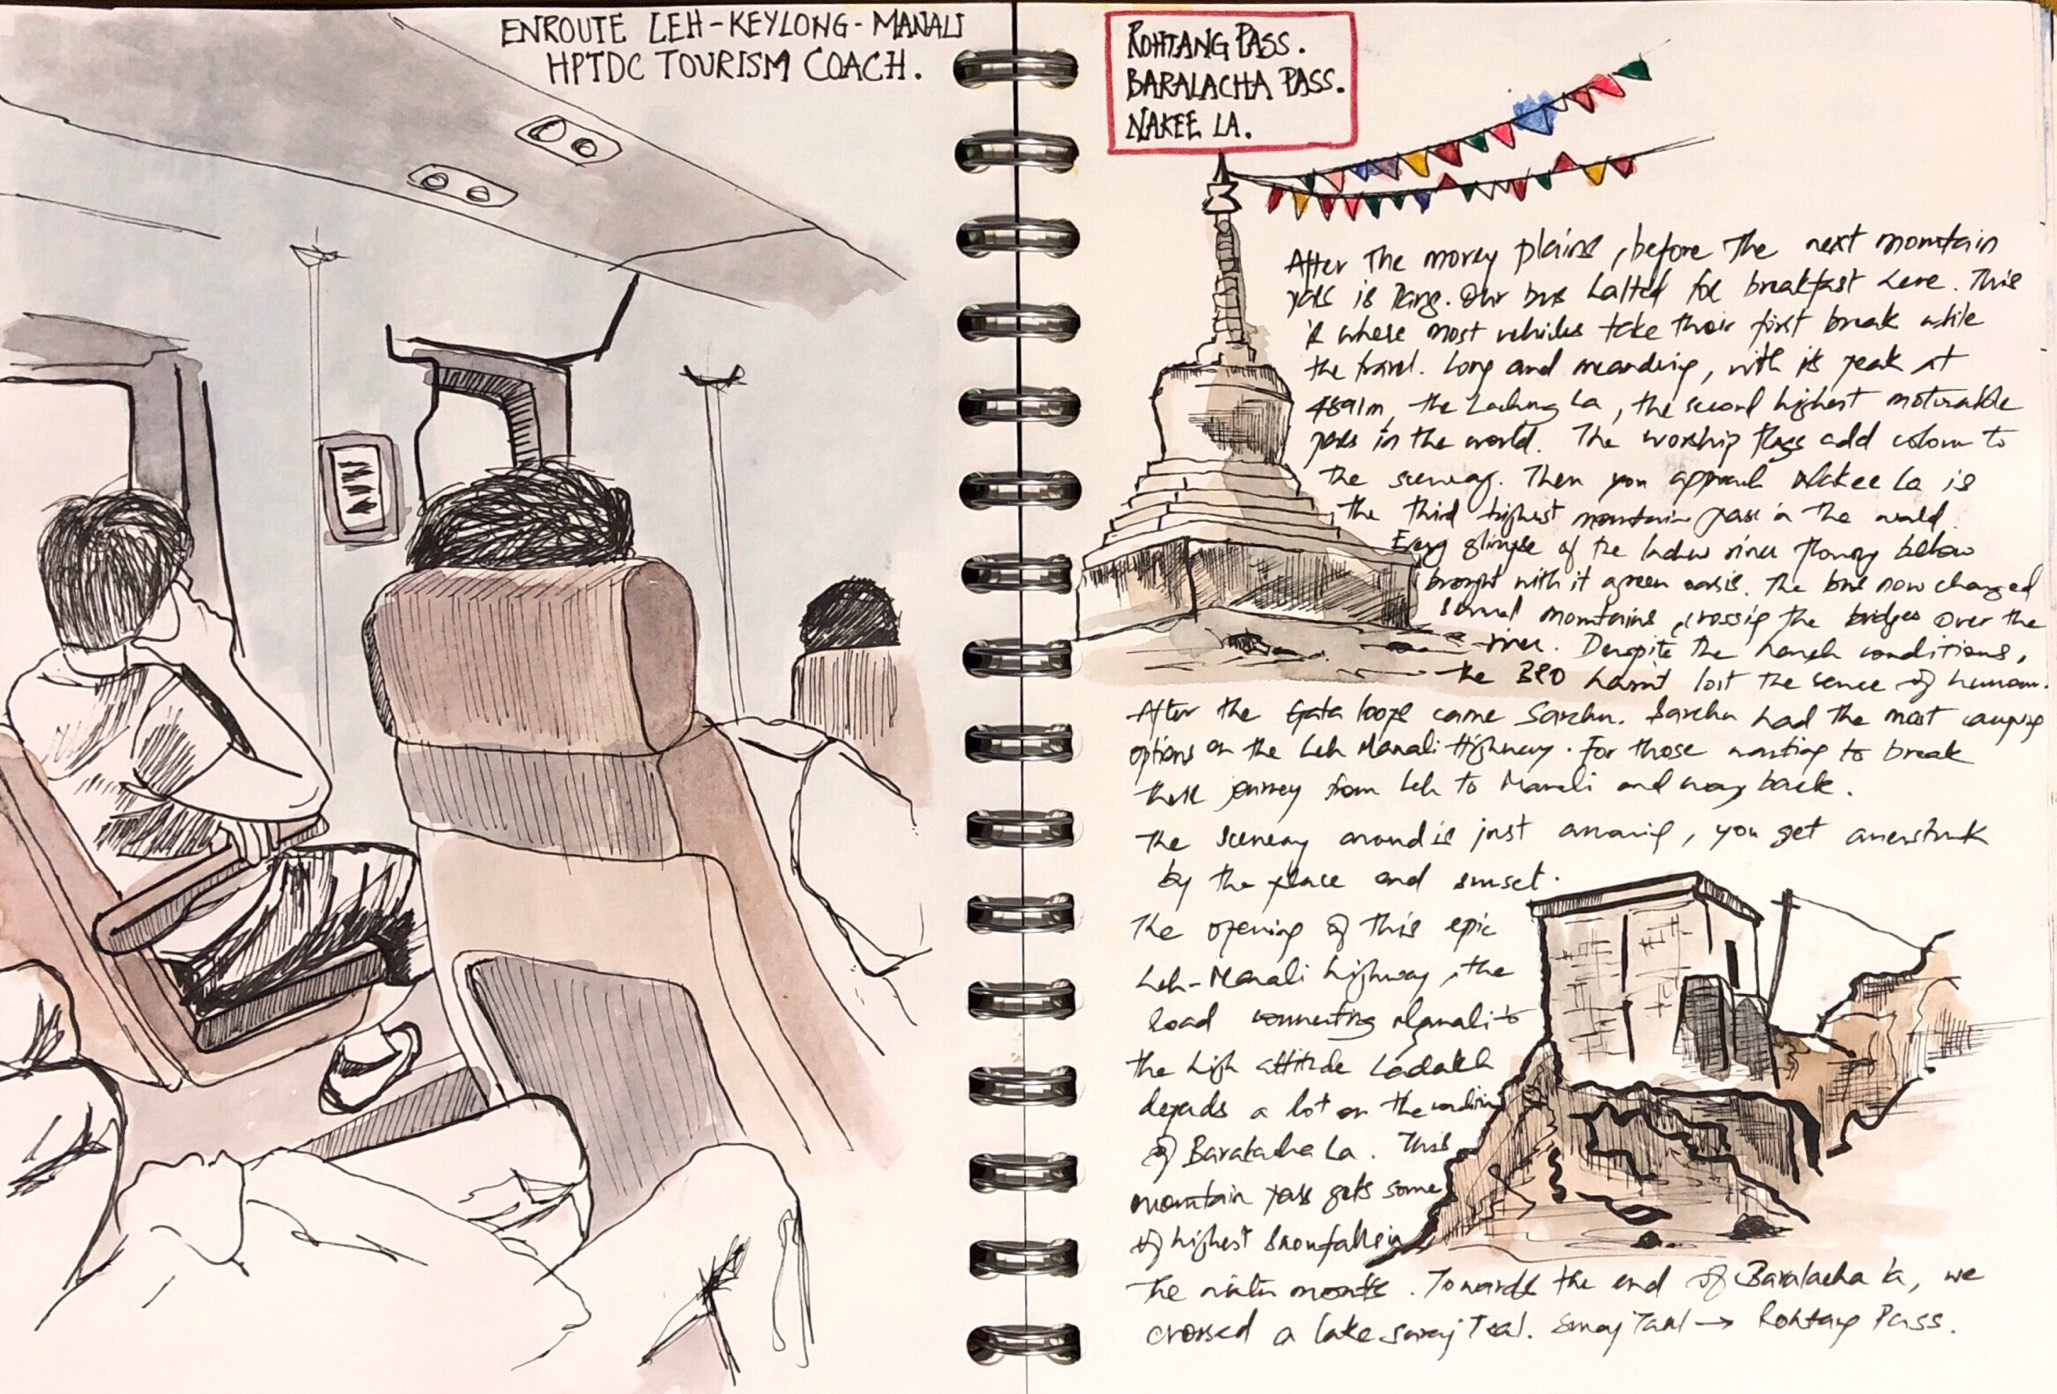 Bus-sketch-keylong-manali